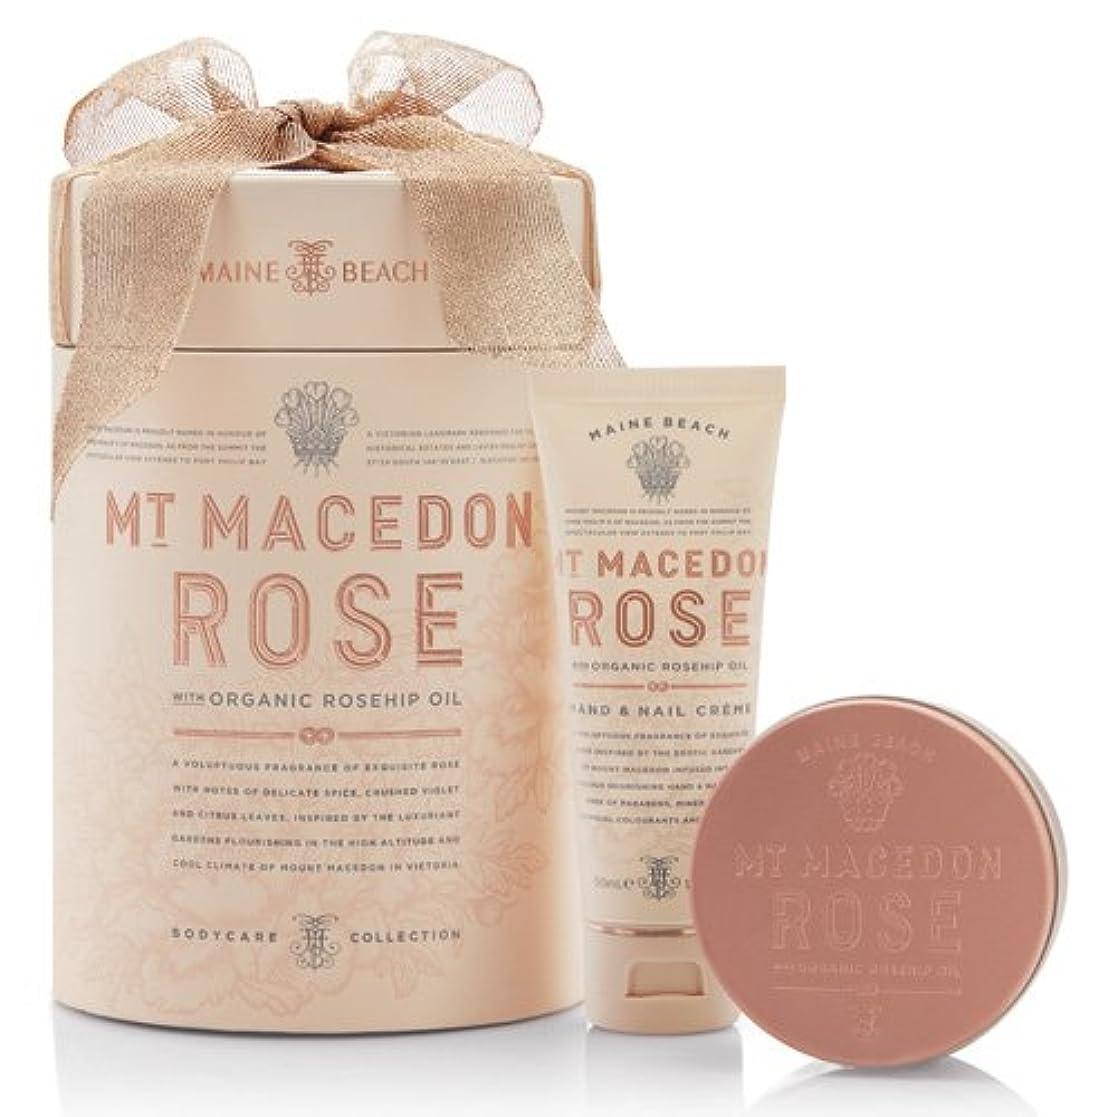 トーク登録する暖かさMAINE BEACH マインビーチ MT MACEDON ROSE マウント マセドン ローズ Duo Gift Pack